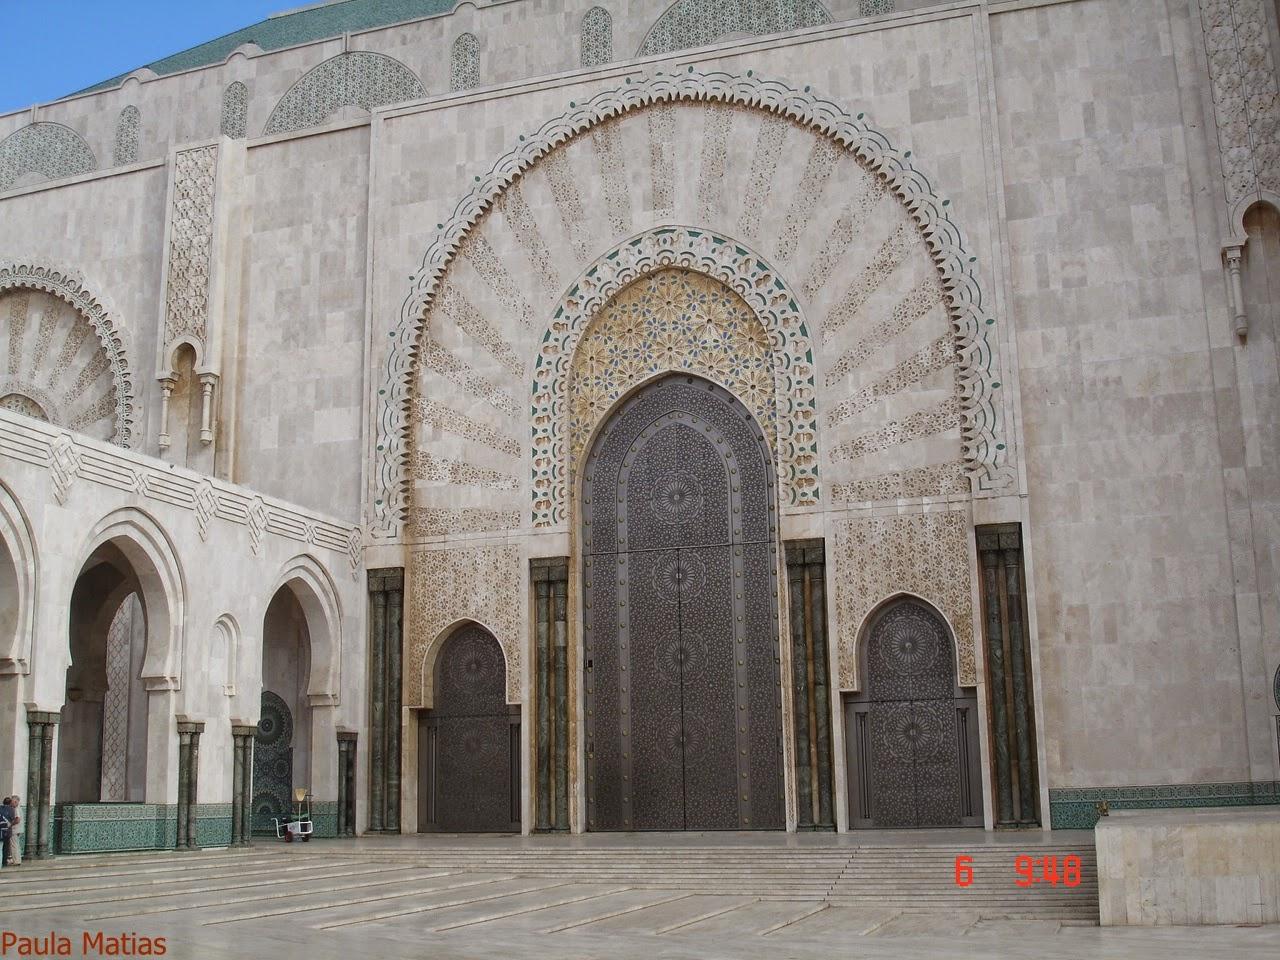 Marrocos 2014 - O regresso  Proxy?url=http%3A%2F%2F1.bp.blogspot.com%2F-CsrBDsQ-FAs%2FVE-blZzLAfI%2FAAAAAAAADu0%2FZWeoiXuf9sM%2Fs1600%2FDSC03182_new